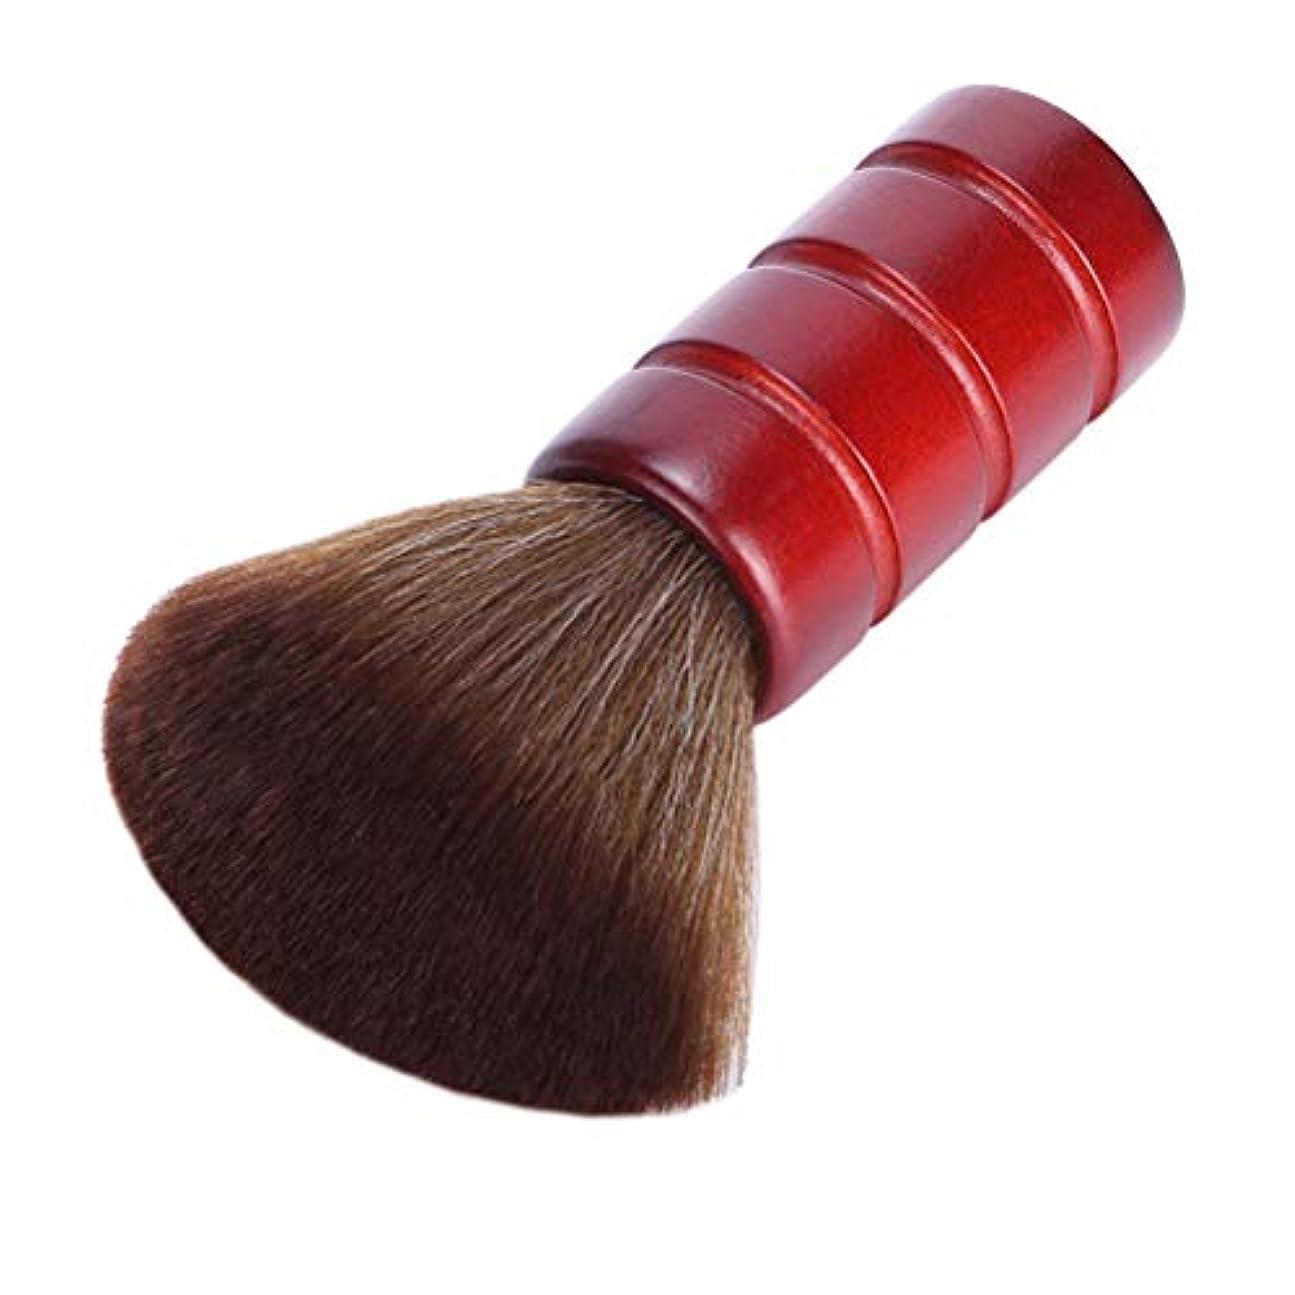 結婚式障害リストLurroseプロフェッショナルヘアカットブラシソフトファイバーフェイスネックダスターブラシ理髪サロン理容ツール